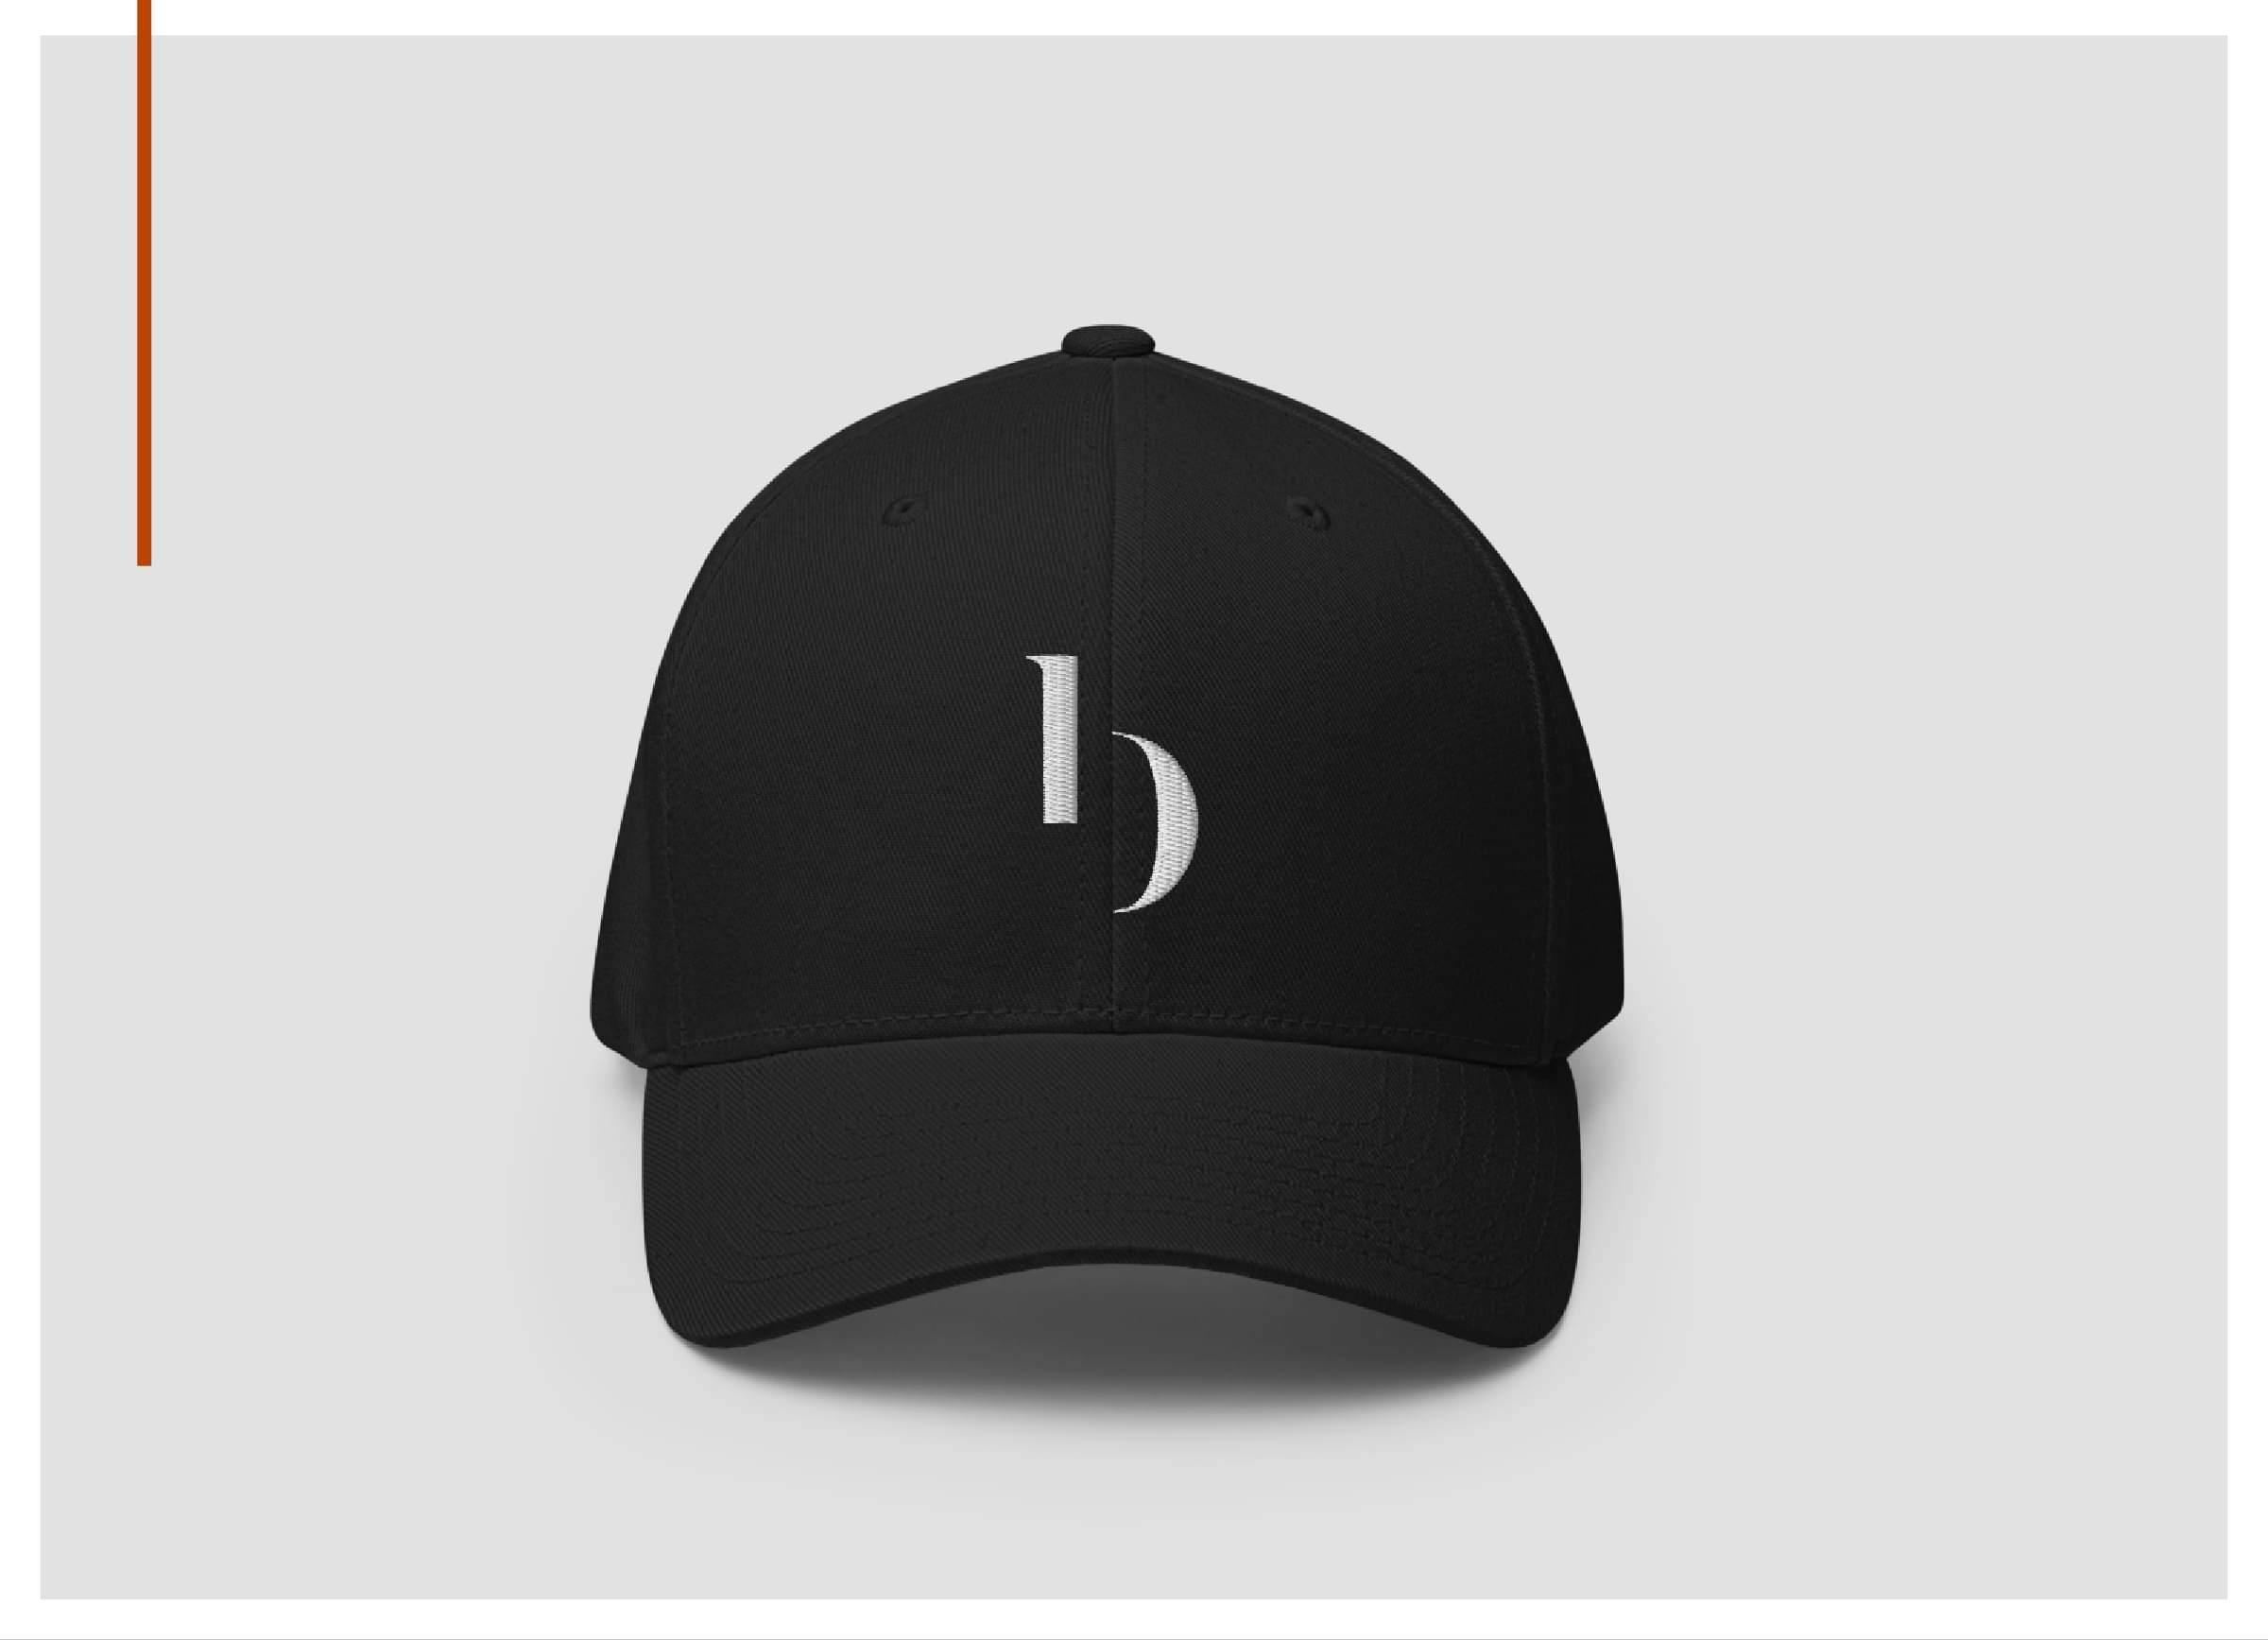 Shopify e-Commerce Website Development Branding Boche Design Logo Hat Black